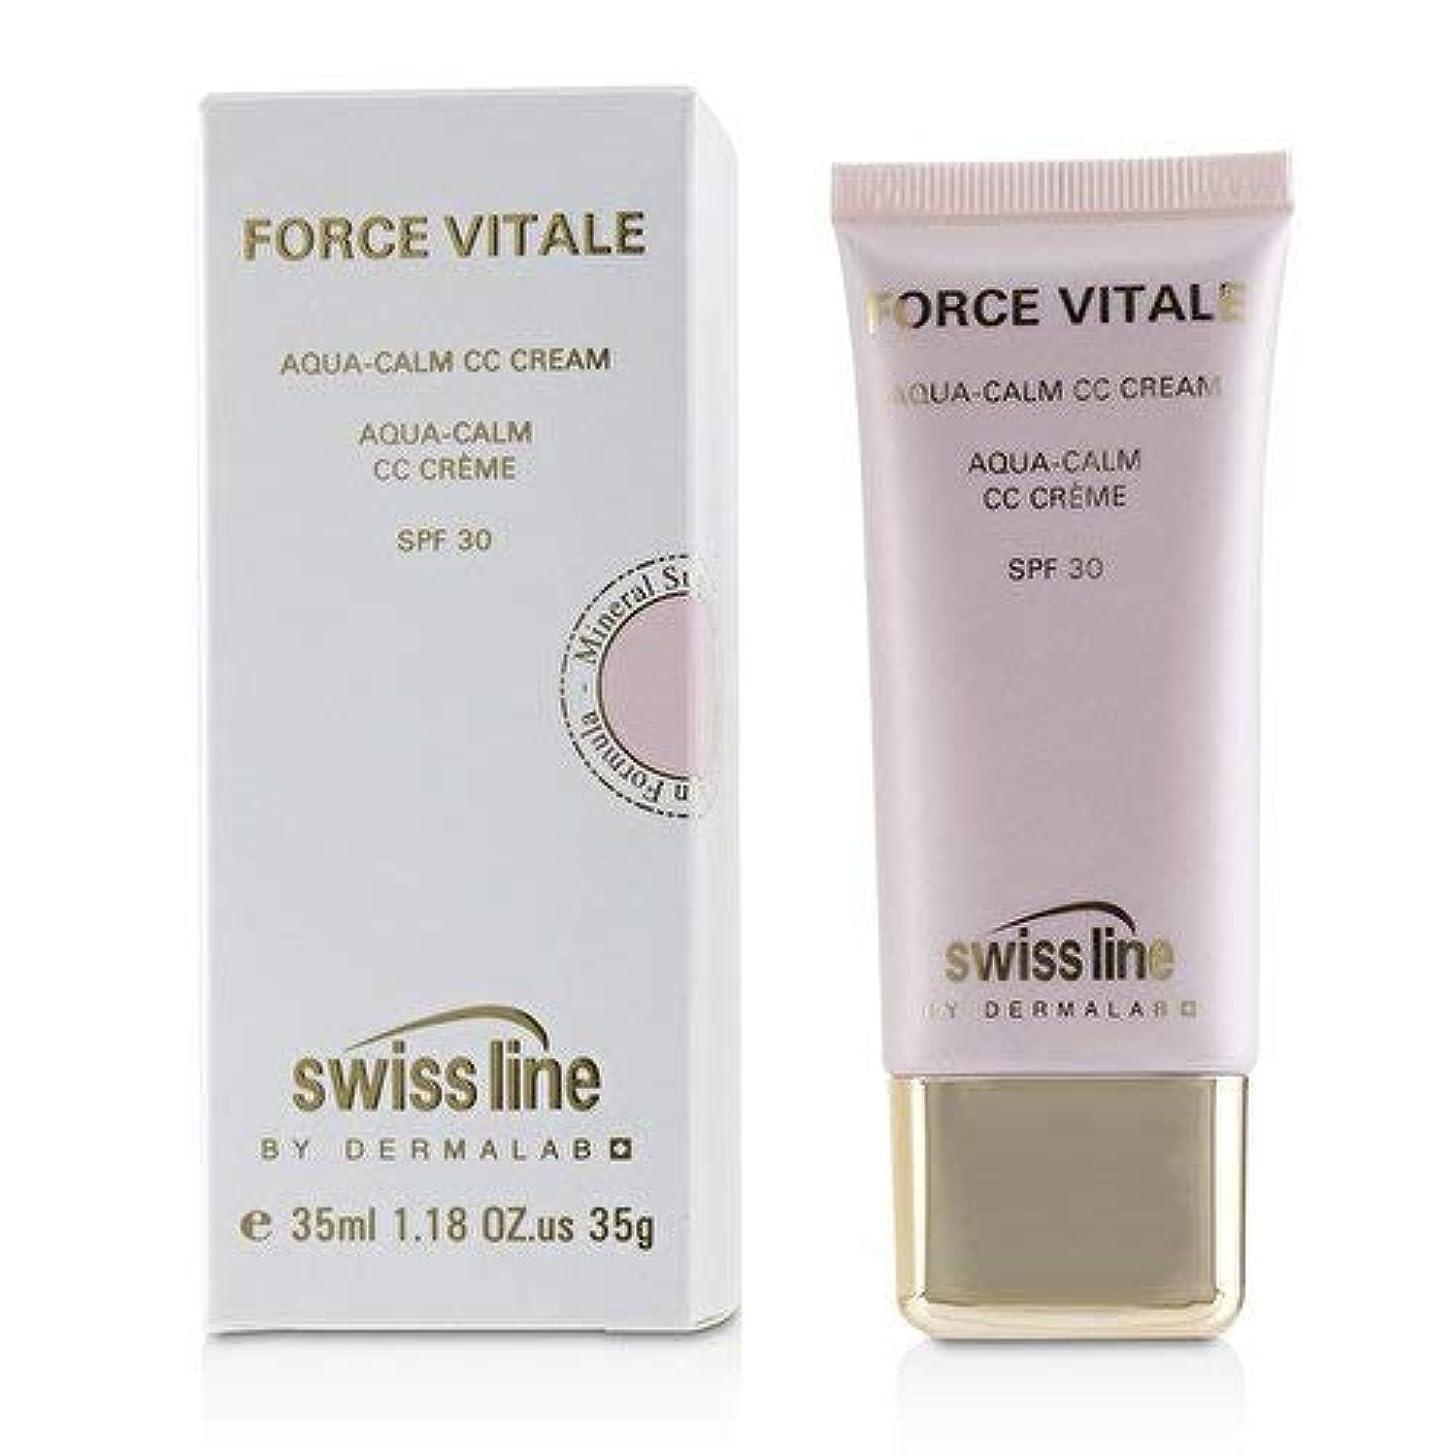 しおれたパケット盆スイスライン Force Vitale Aqua-Calm CC Cream SPF30 - Beige 10 35ml並行輸入品